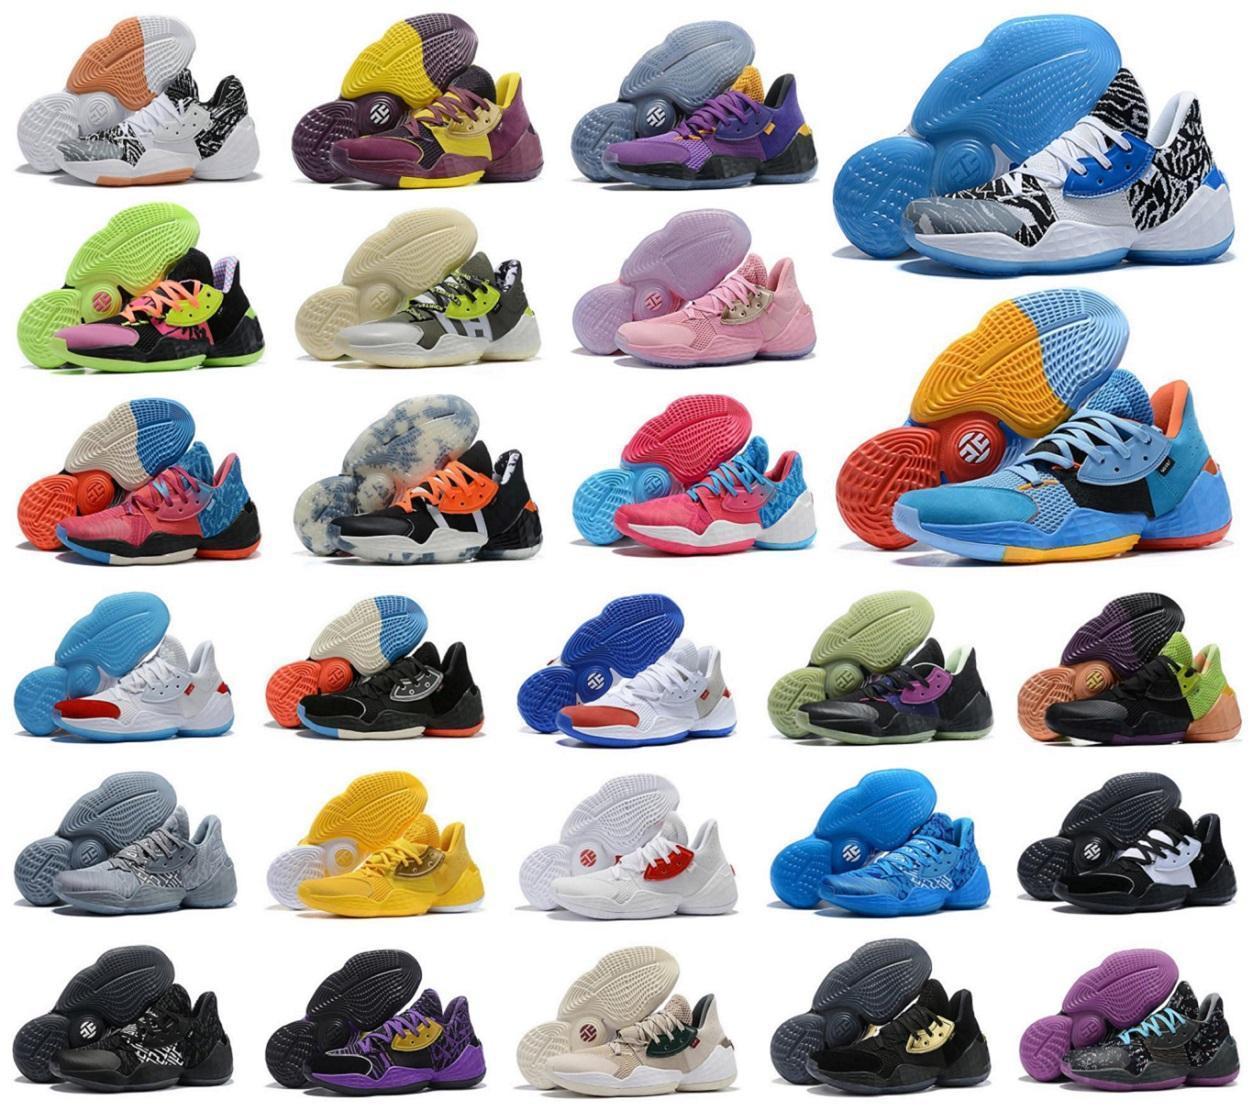 2020 Новое прибытие Харден значок обувь Vol.4 по баскетболу среди мужчин MVP Спортивная обувь Джеймс LS PK Бред Черный Белый ботинки тапок uy2ve46823 #